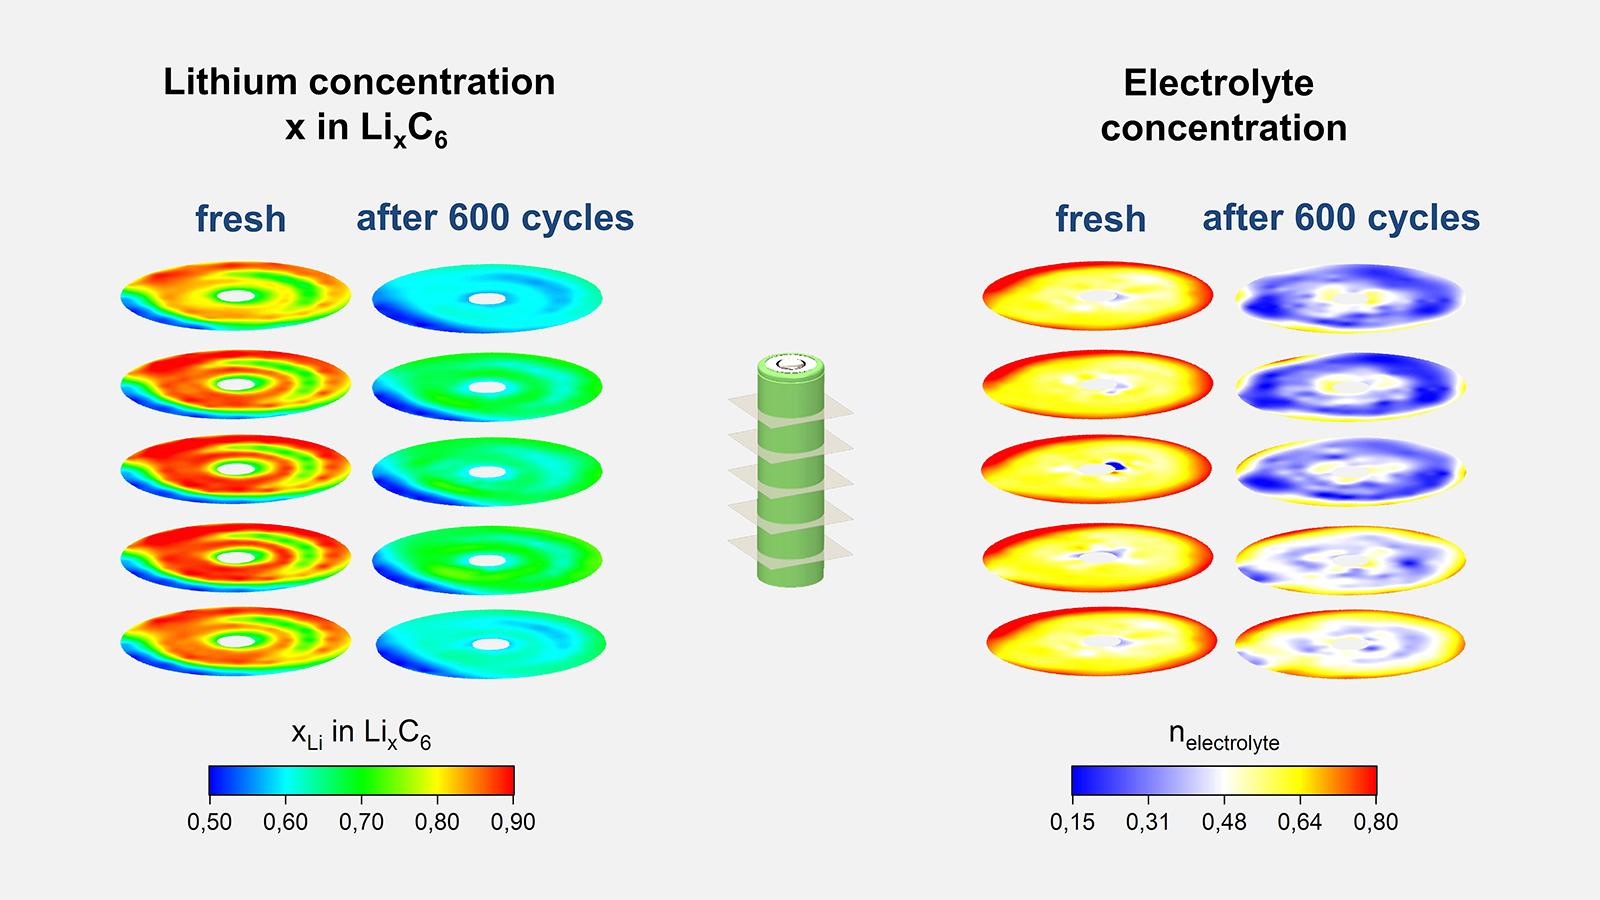 Farblich gekennzeichnete Konzentration von Lithium (links) und Elektrolyt (rechts) in einer frischen und einer gealterten (600 Lade- bzw. Entladezyklen) Lithium-Ionen Zelle